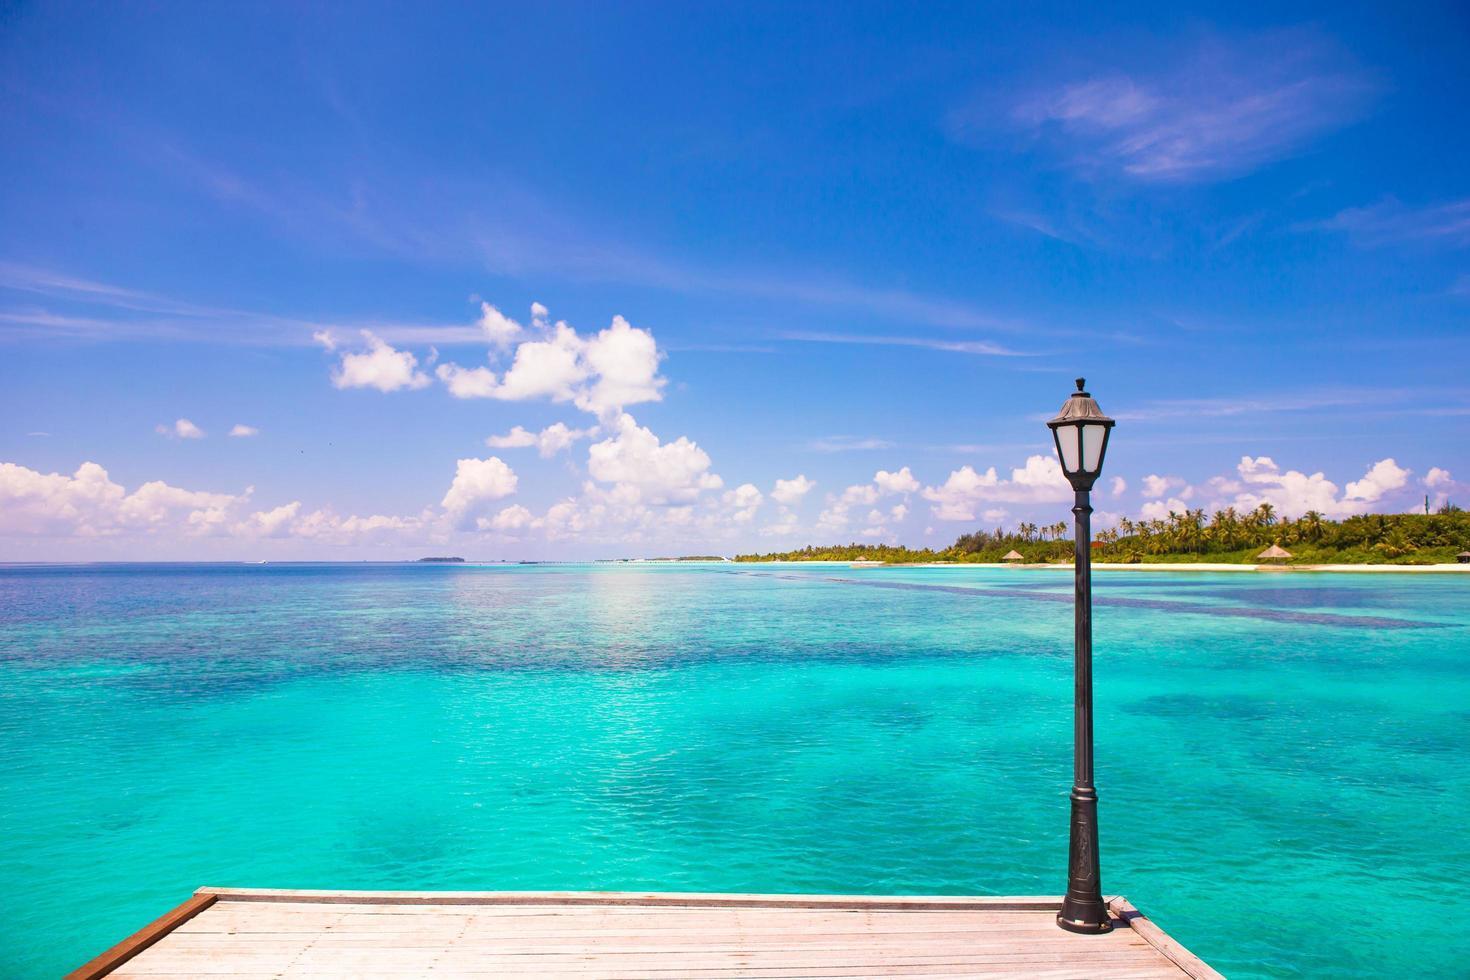 Muelle con poste de luz junto a una playa tropical. foto